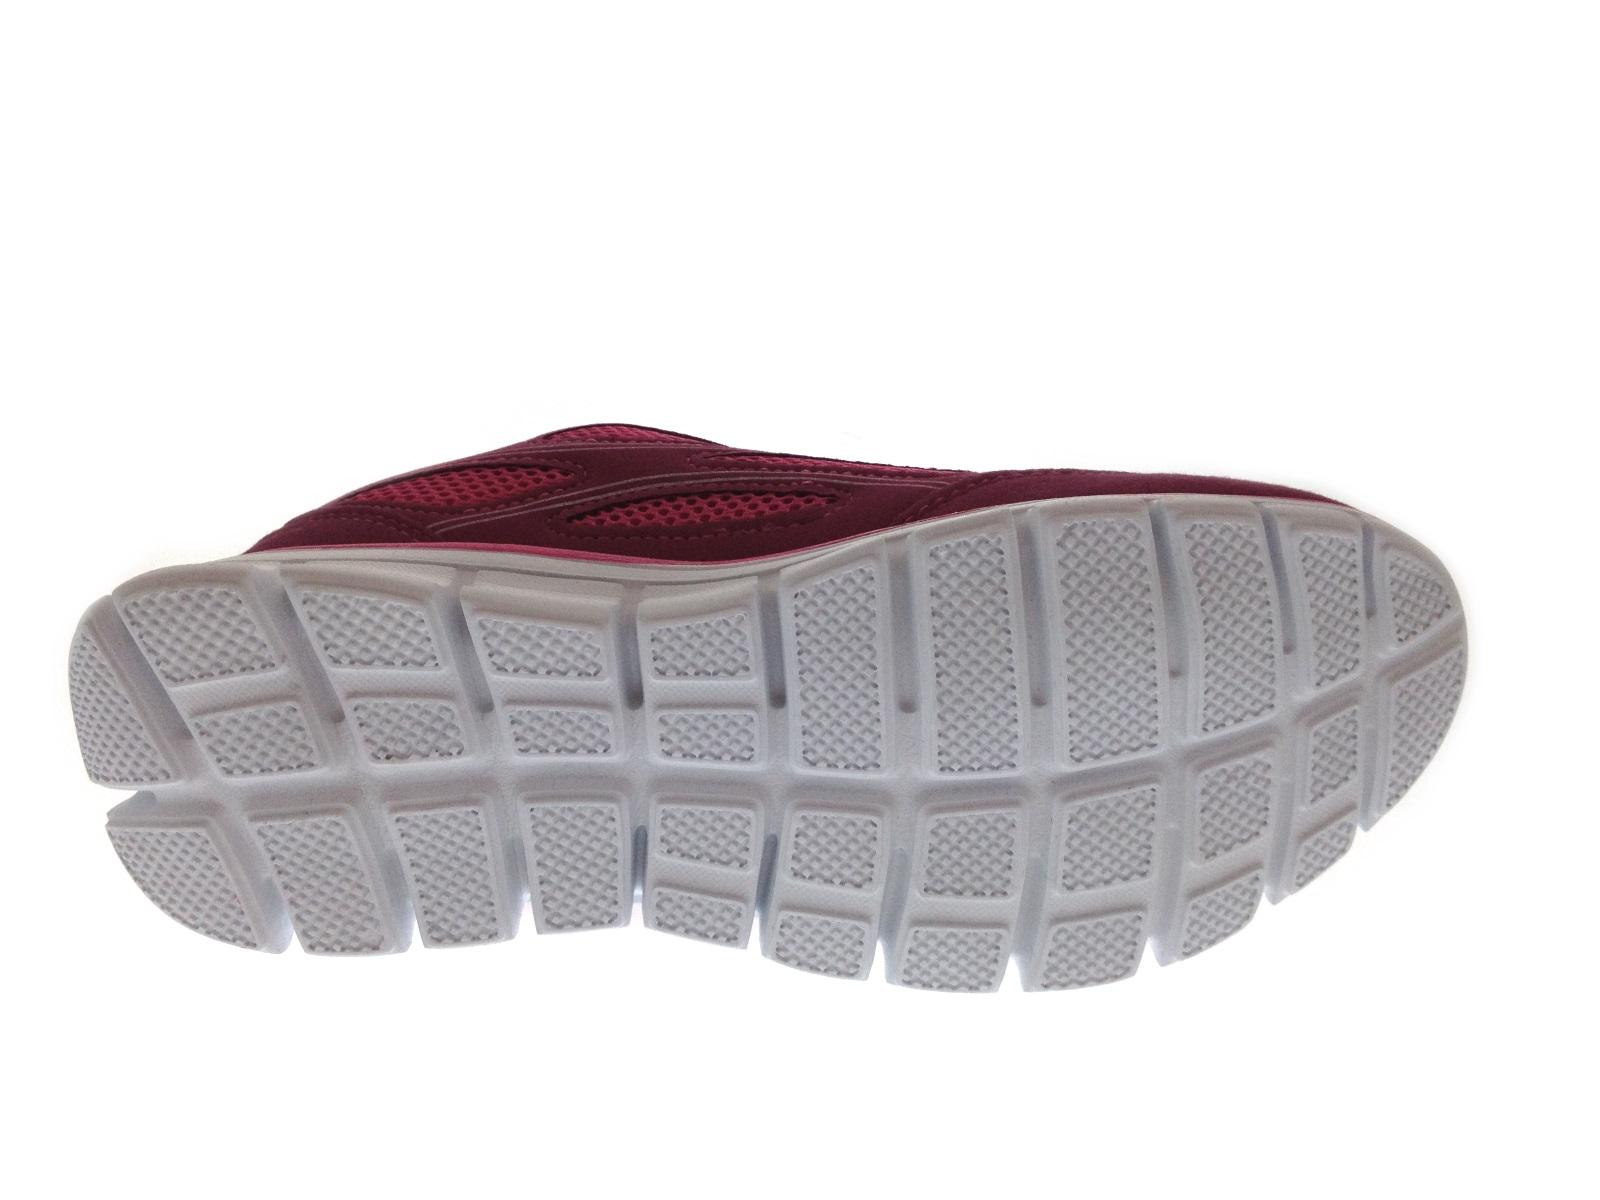 Haut femme léger exécutant formateurs gym jogging Femme Chaussures de Sport TAILLE UK 3-8